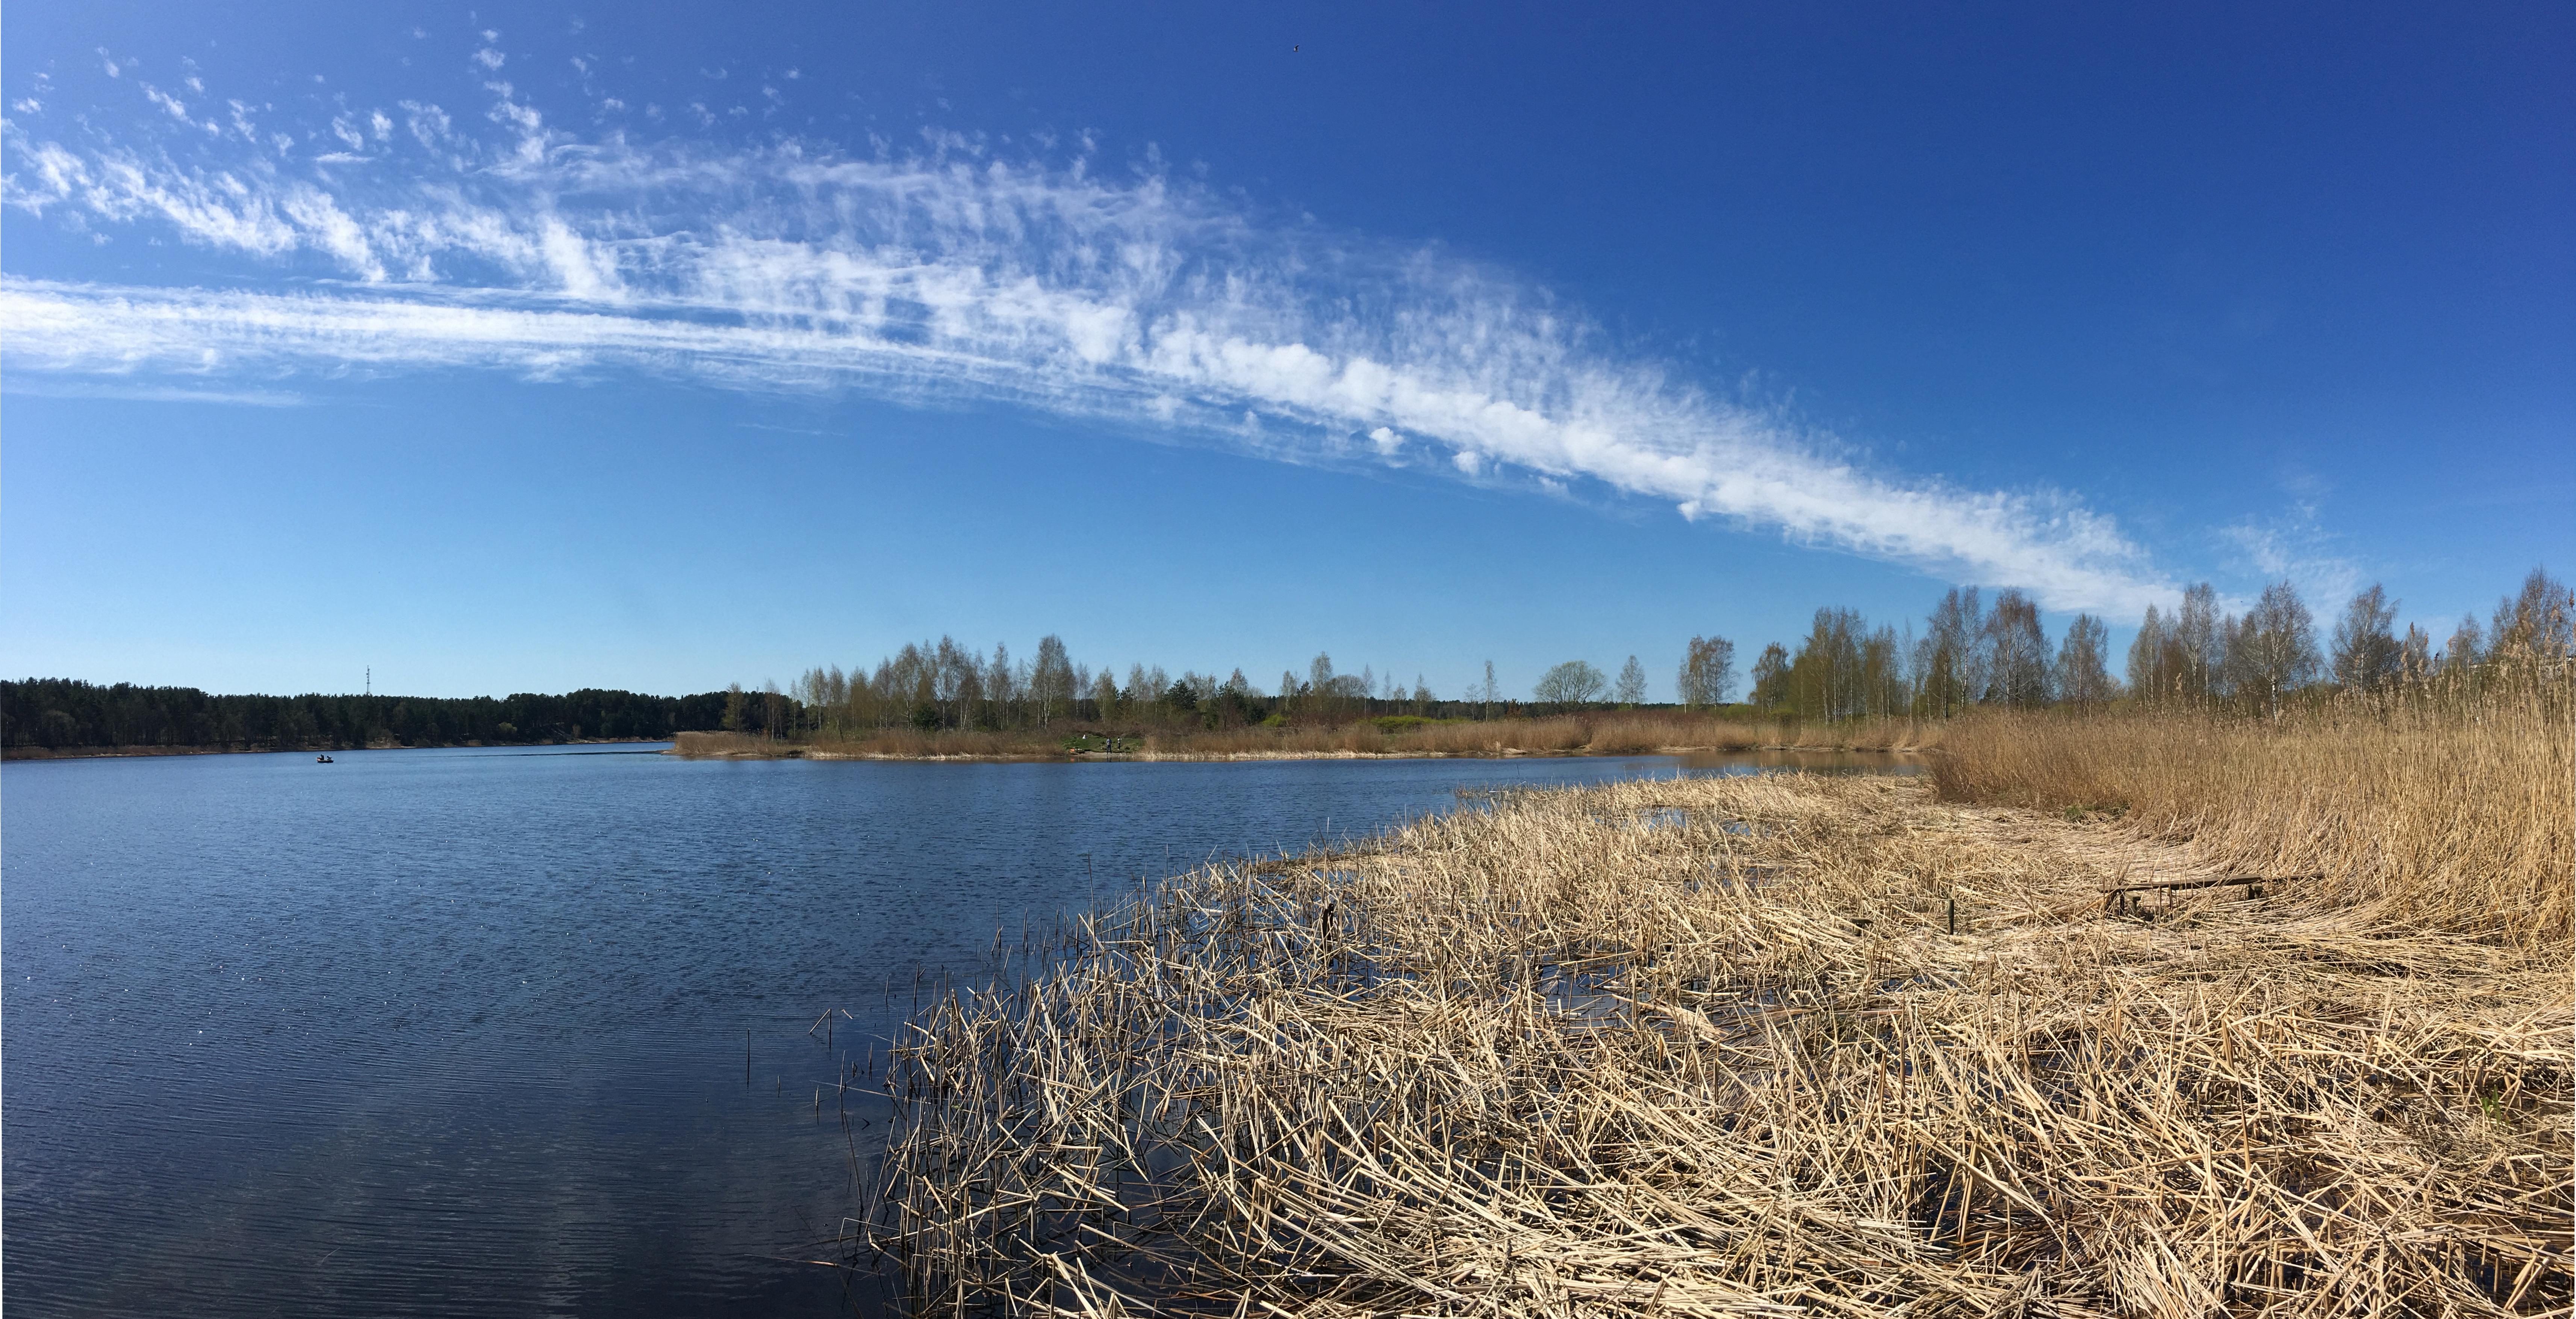 Рыбалка лещ май речной пейзаж юрмала лиелупе пейзажи природы Альберт Сафиуллин